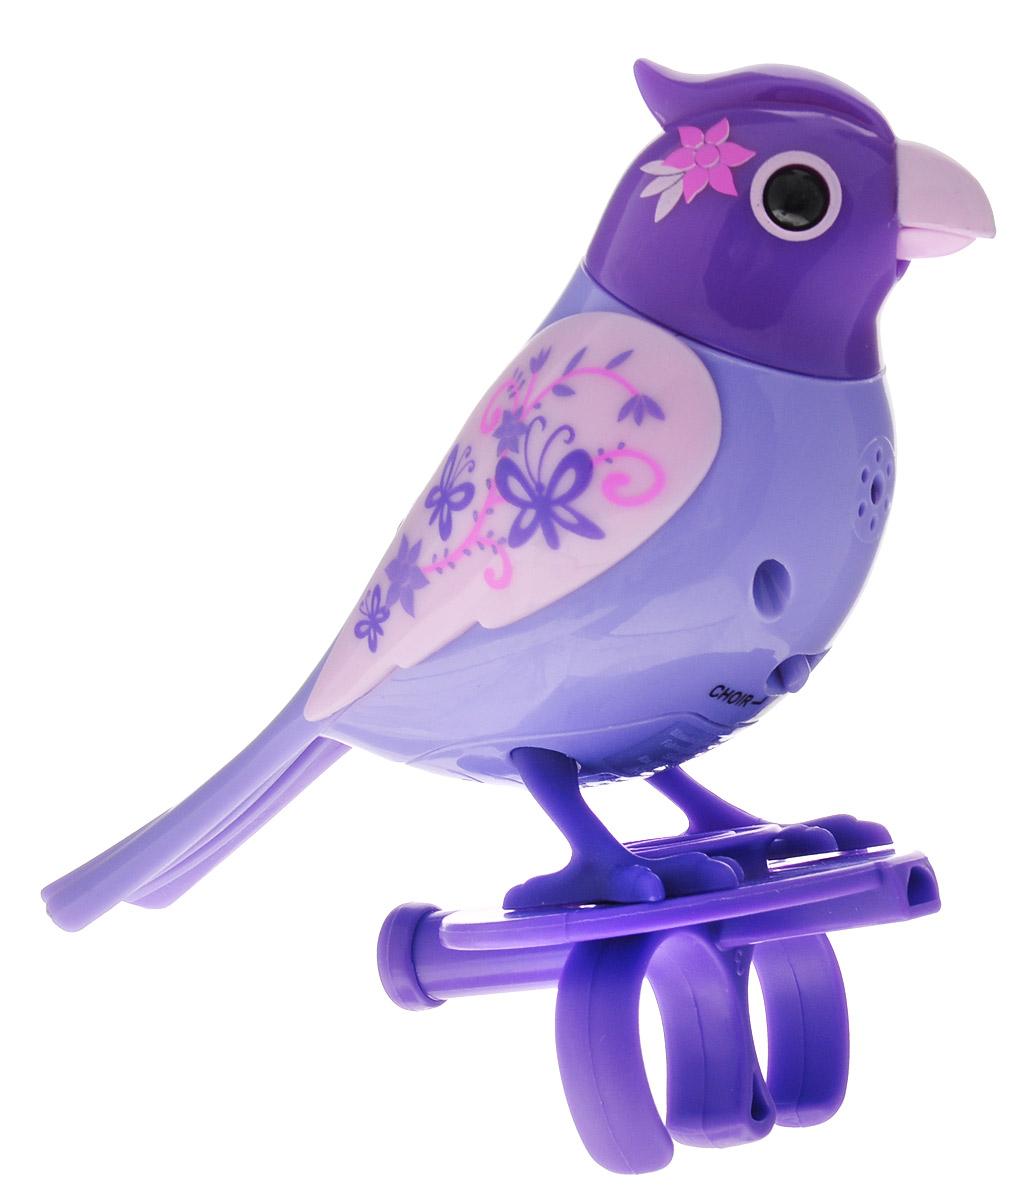 DigiFriends Интерактивная игрушка Птичка с кольцом цвет фиолетовый розовый88286-4У вас есть шанс получить уникального домашнего питомца - поющую птичку. Не каждый может похвастаться этим. Эта умная птичка интерактивная, она будет развлекать вас различными мелодиями, пением и ритмичными движениями. Для активизации птички необходимо подуть на нее. Чтобы активировать режим проигрывания мелодий достаточно посвистеть в свисток, который имеется в комплекте. Игрушка издает 55 вариантов мелодий и звуков. Кольцо-свисток может служить как переносной насест для птички. Ребенок может надеть кольцо на два пальца, закрепить там игрушку и свободно играть или даже бегать. Птичка устойчива на любой ровной поверхности. Игрушка может поворачивать голову и шевелить клювом в такт мелодии. Игрушка работает в двух режимах: соло и хор. Можно синхронизировать неограниченное количество птичек или других персонажей DigiFriends. Главным в хоре становится персонаж, которого первого включили. Необходимо размещать DigiFriends на расстоянии не более 15 см от главной...